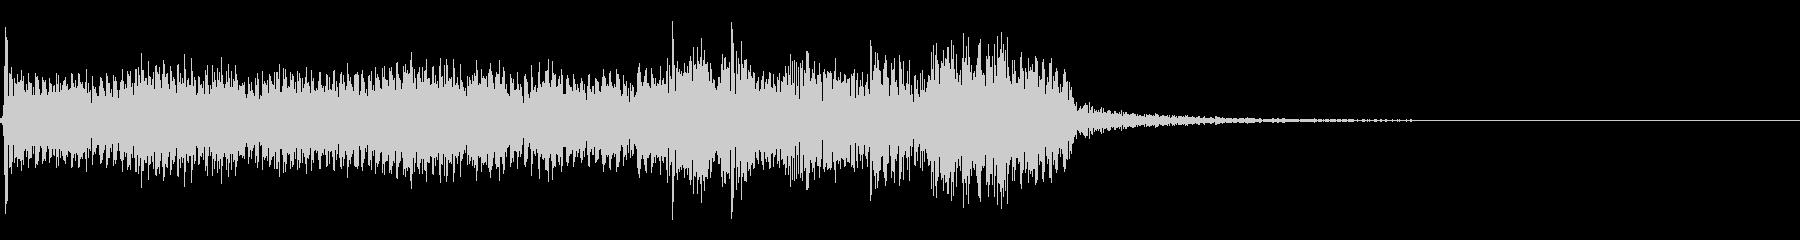 インパクトあるロックなジングル13の未再生の波形